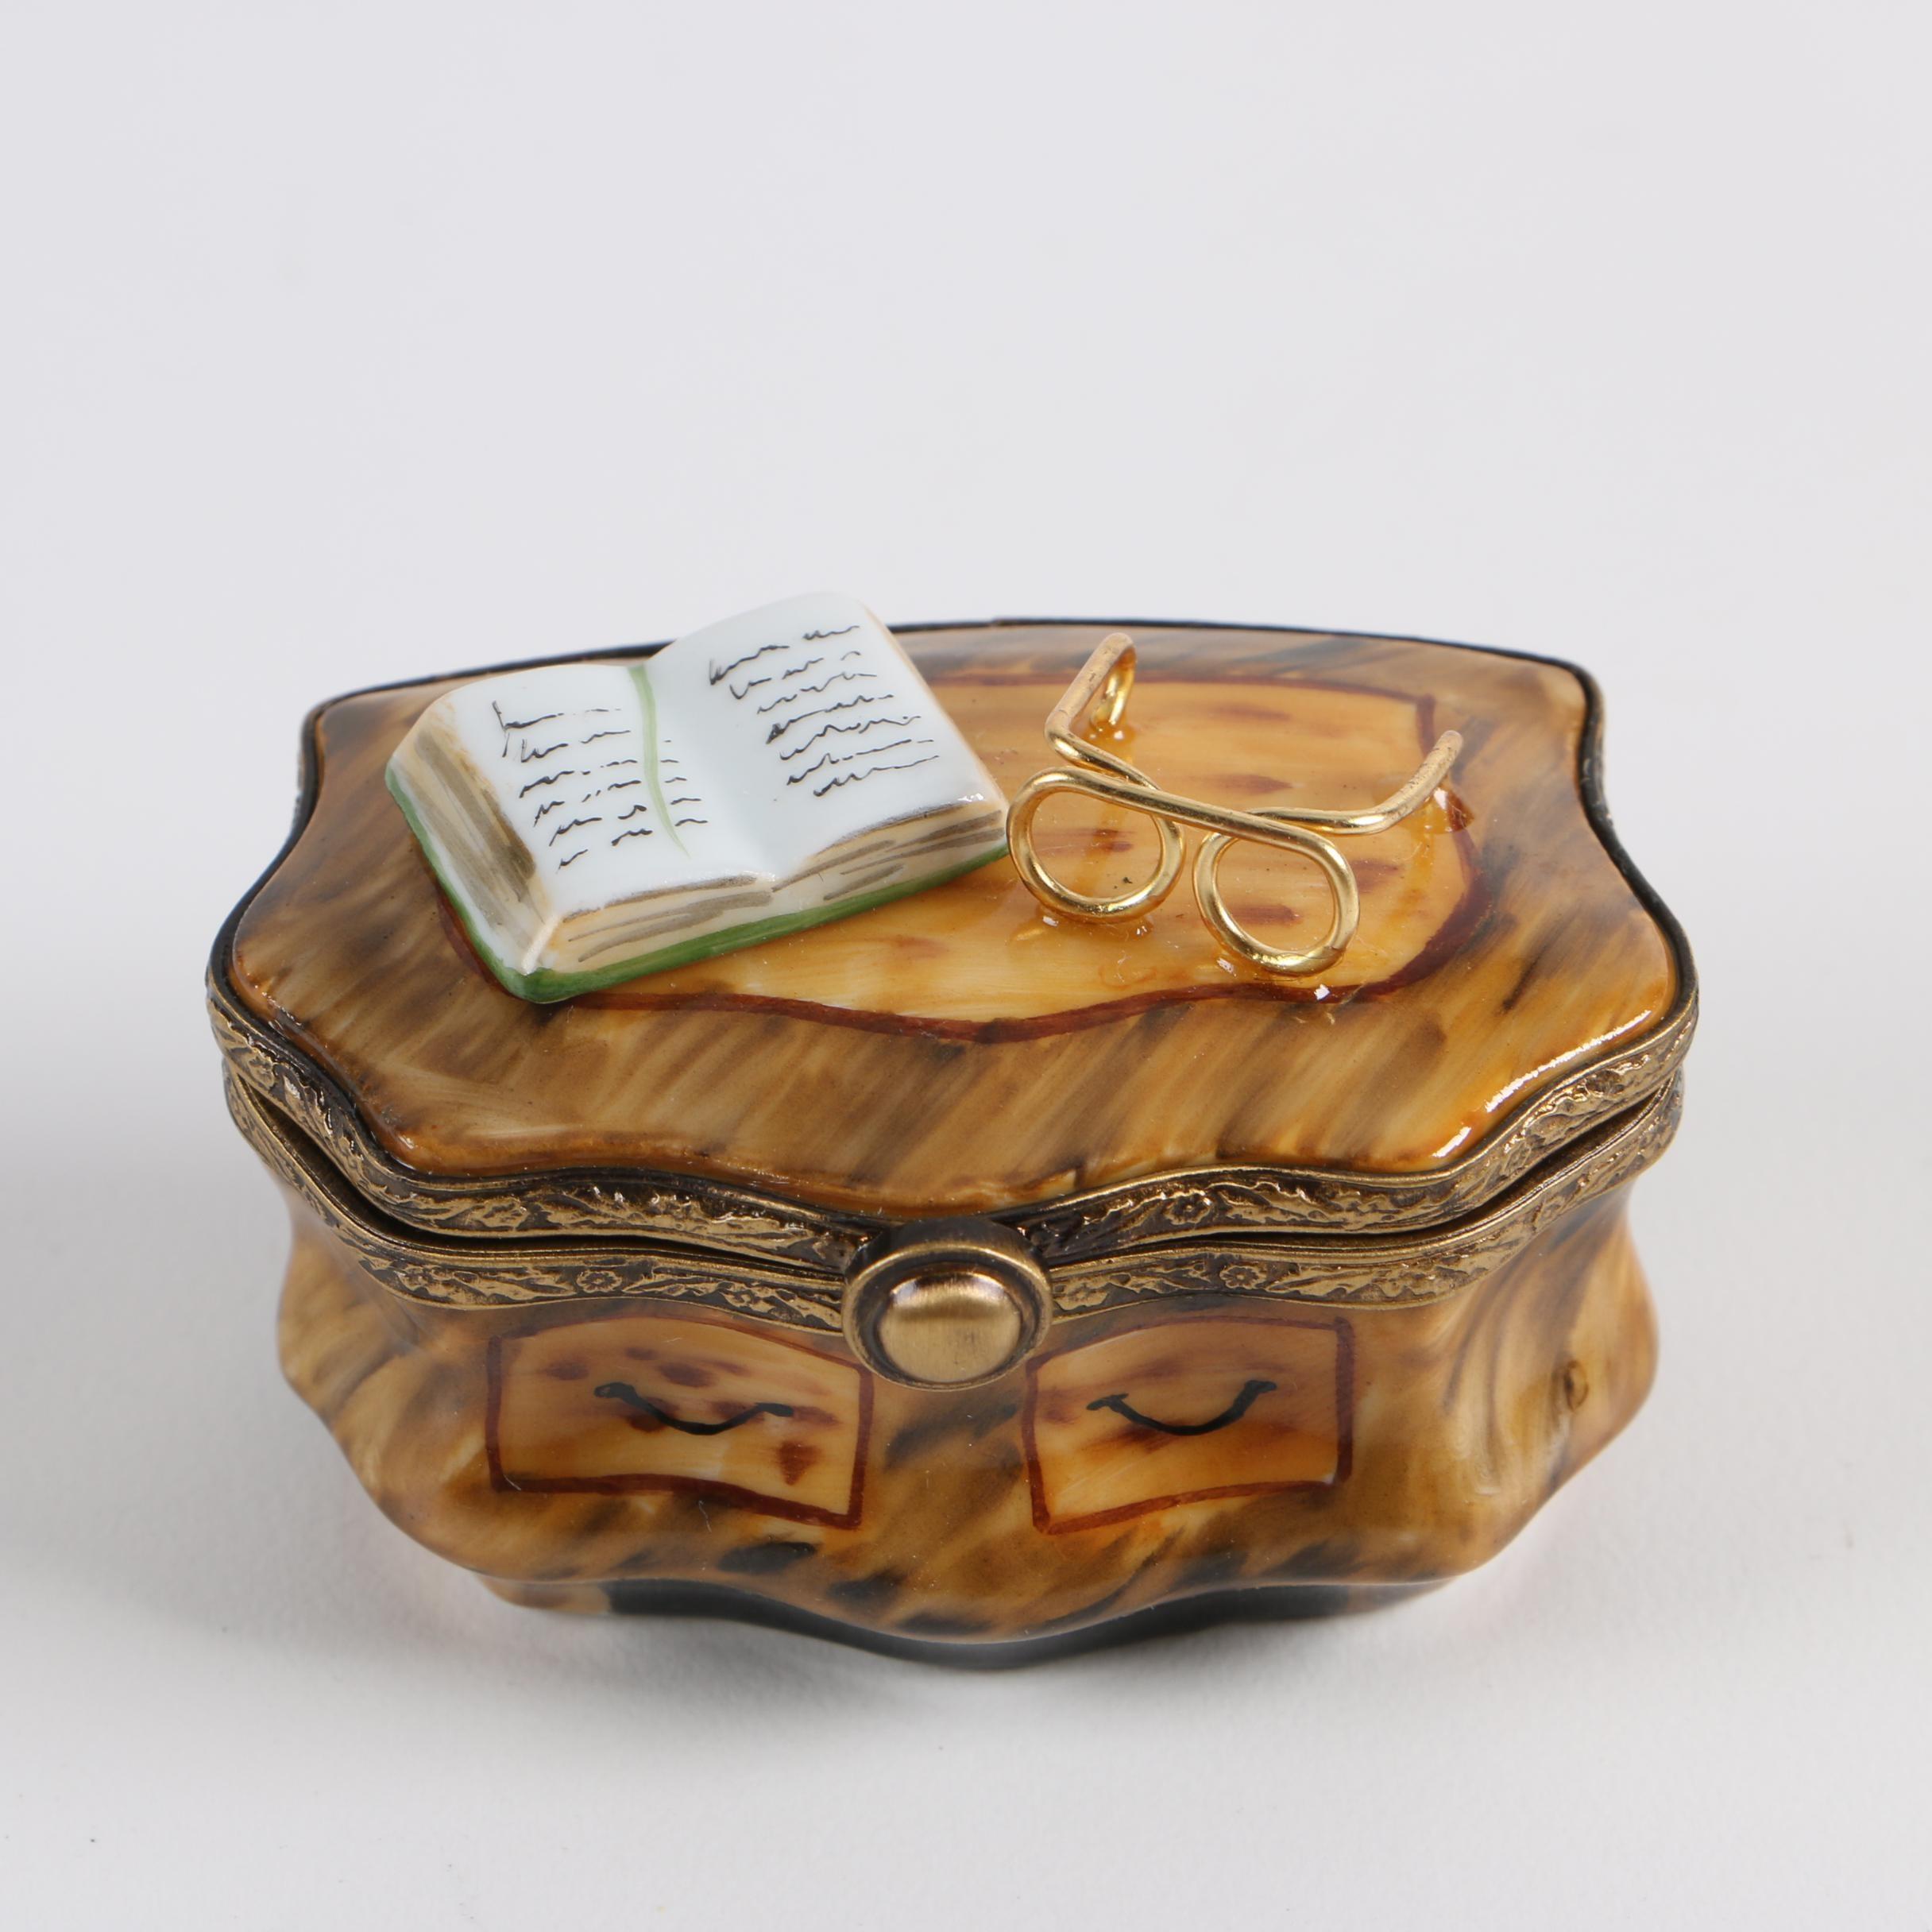 Pierre Arquie Limoges Hand-Painted Reading Desk Porcelain Trinket Box